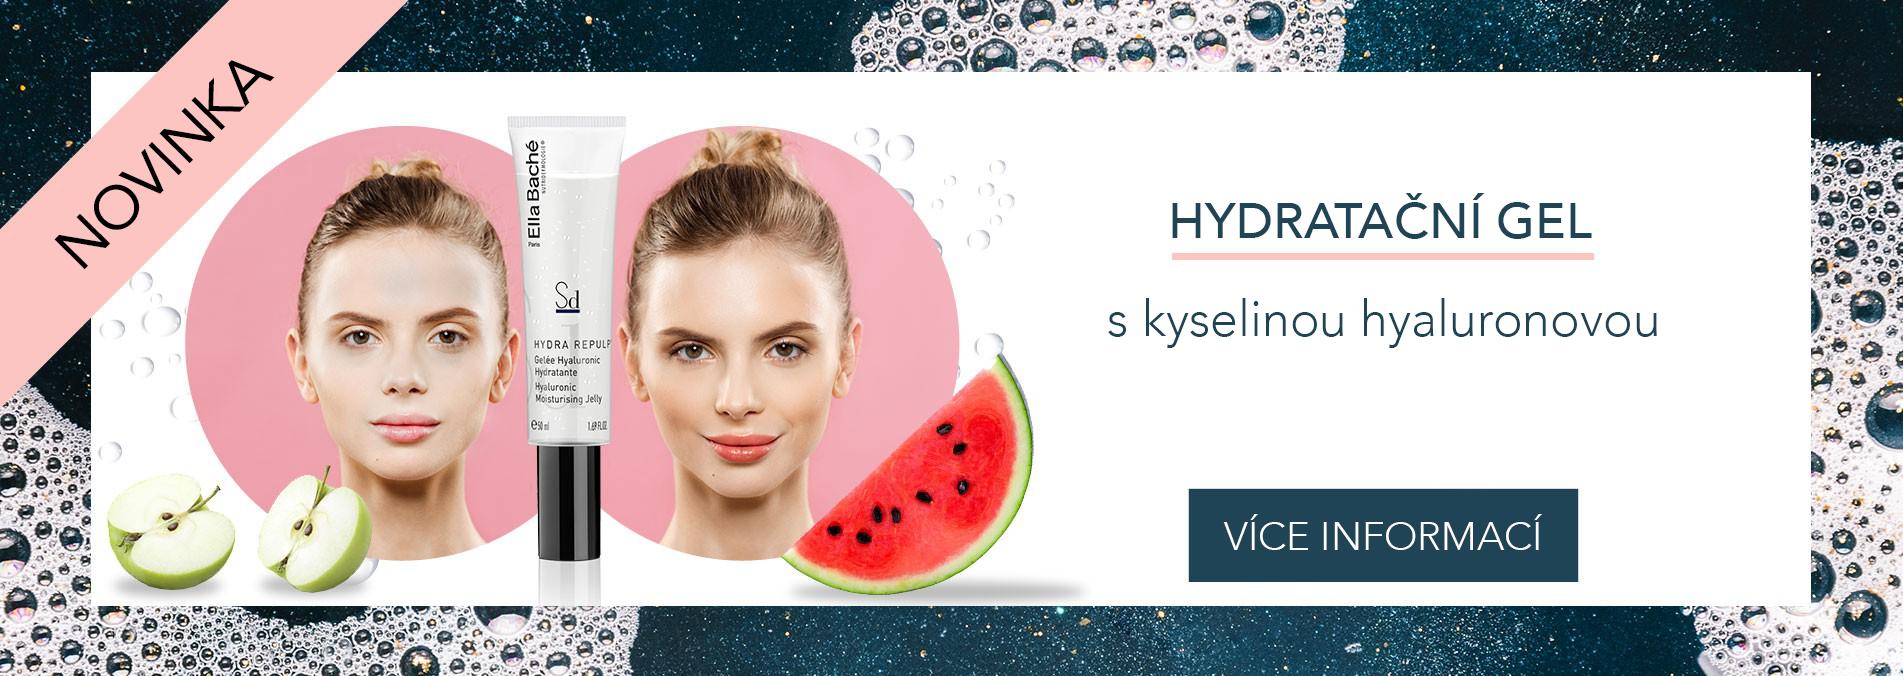 Ella Hydratační gel s kyselinou hyaluronovou